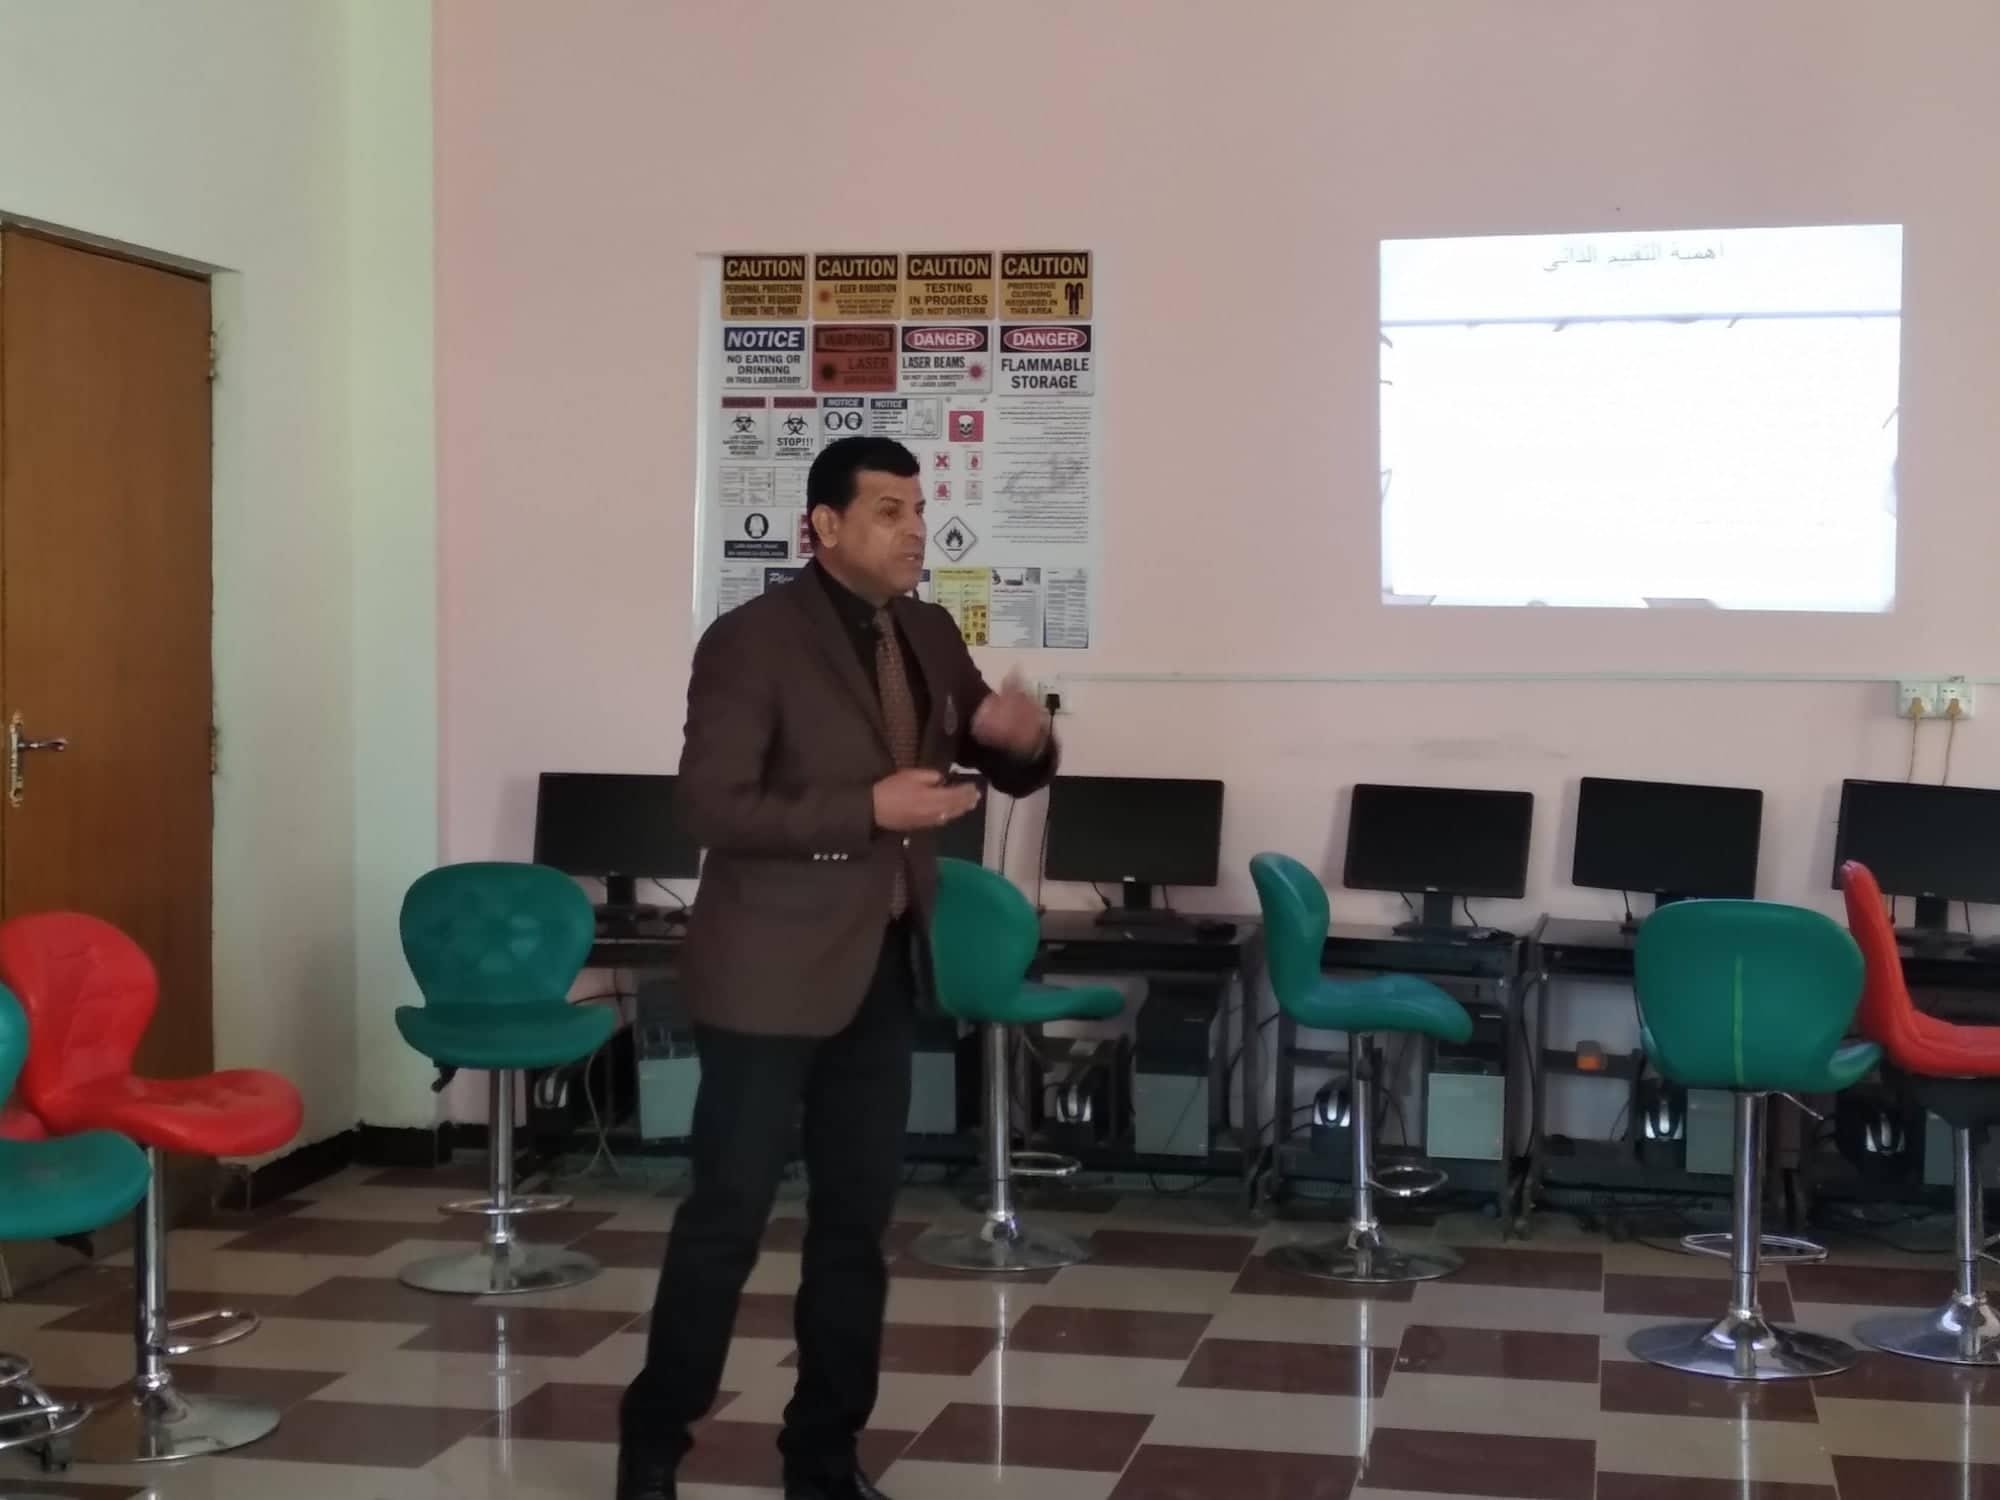 كلية التربية للعلوم الصرفة تقيم دورة تدريبية عن كيفية كتابة التقرير الذاتي في المختبرات التعليمية